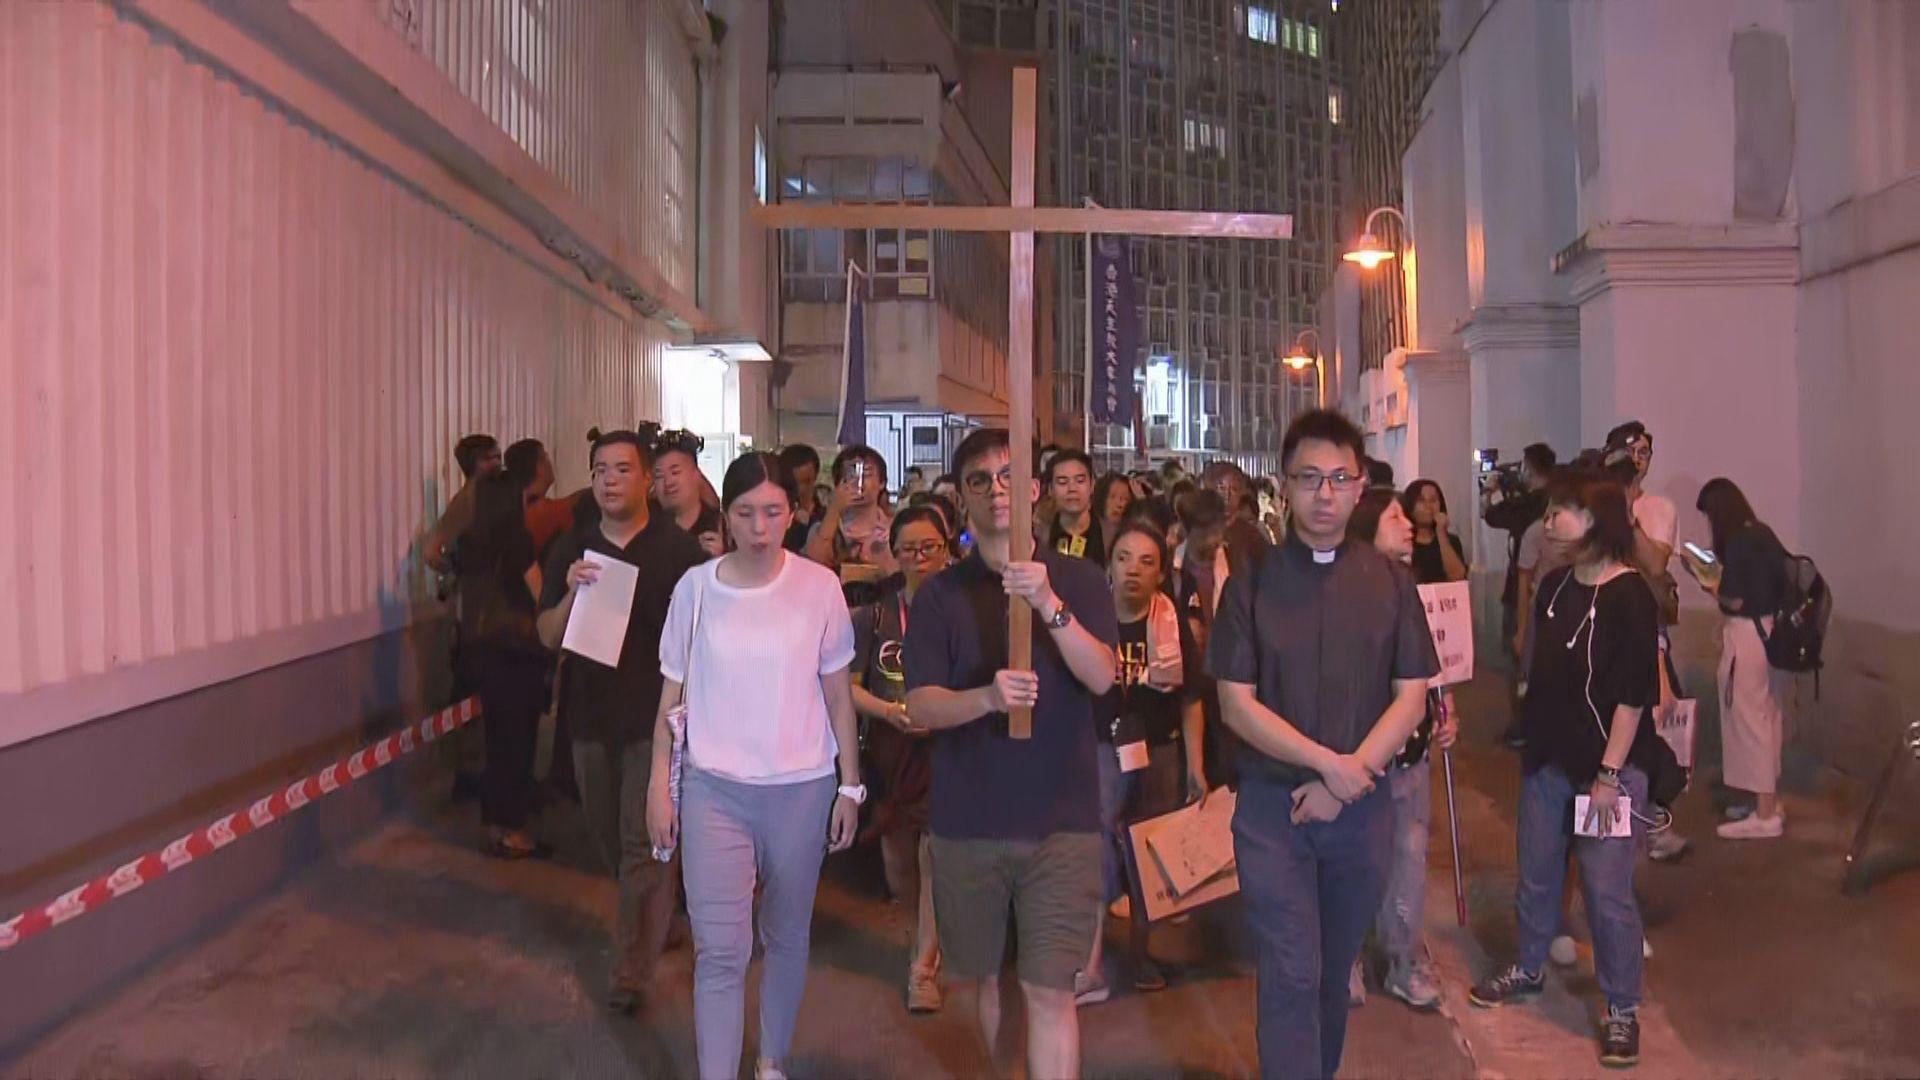 天主教團體燭光遊行促撤回修例